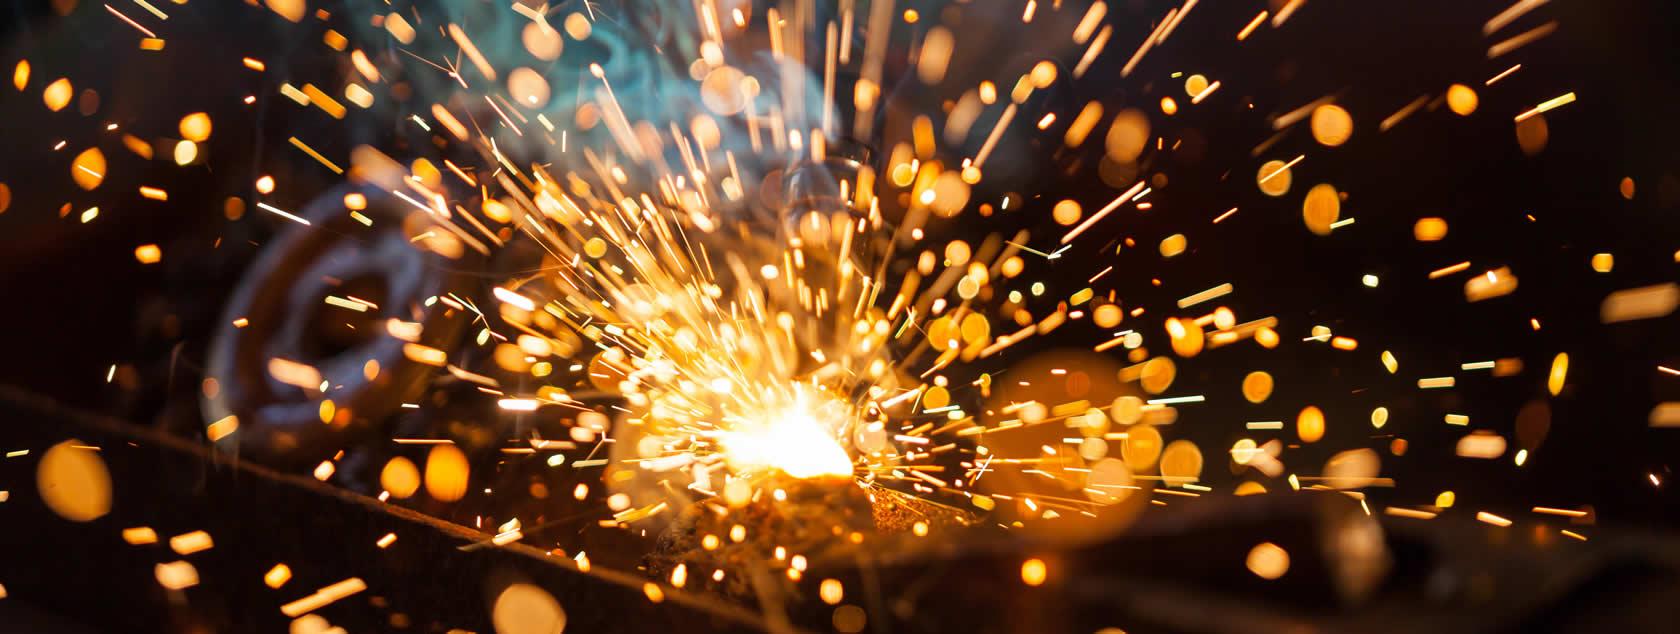 Steel Industry Industrial fans